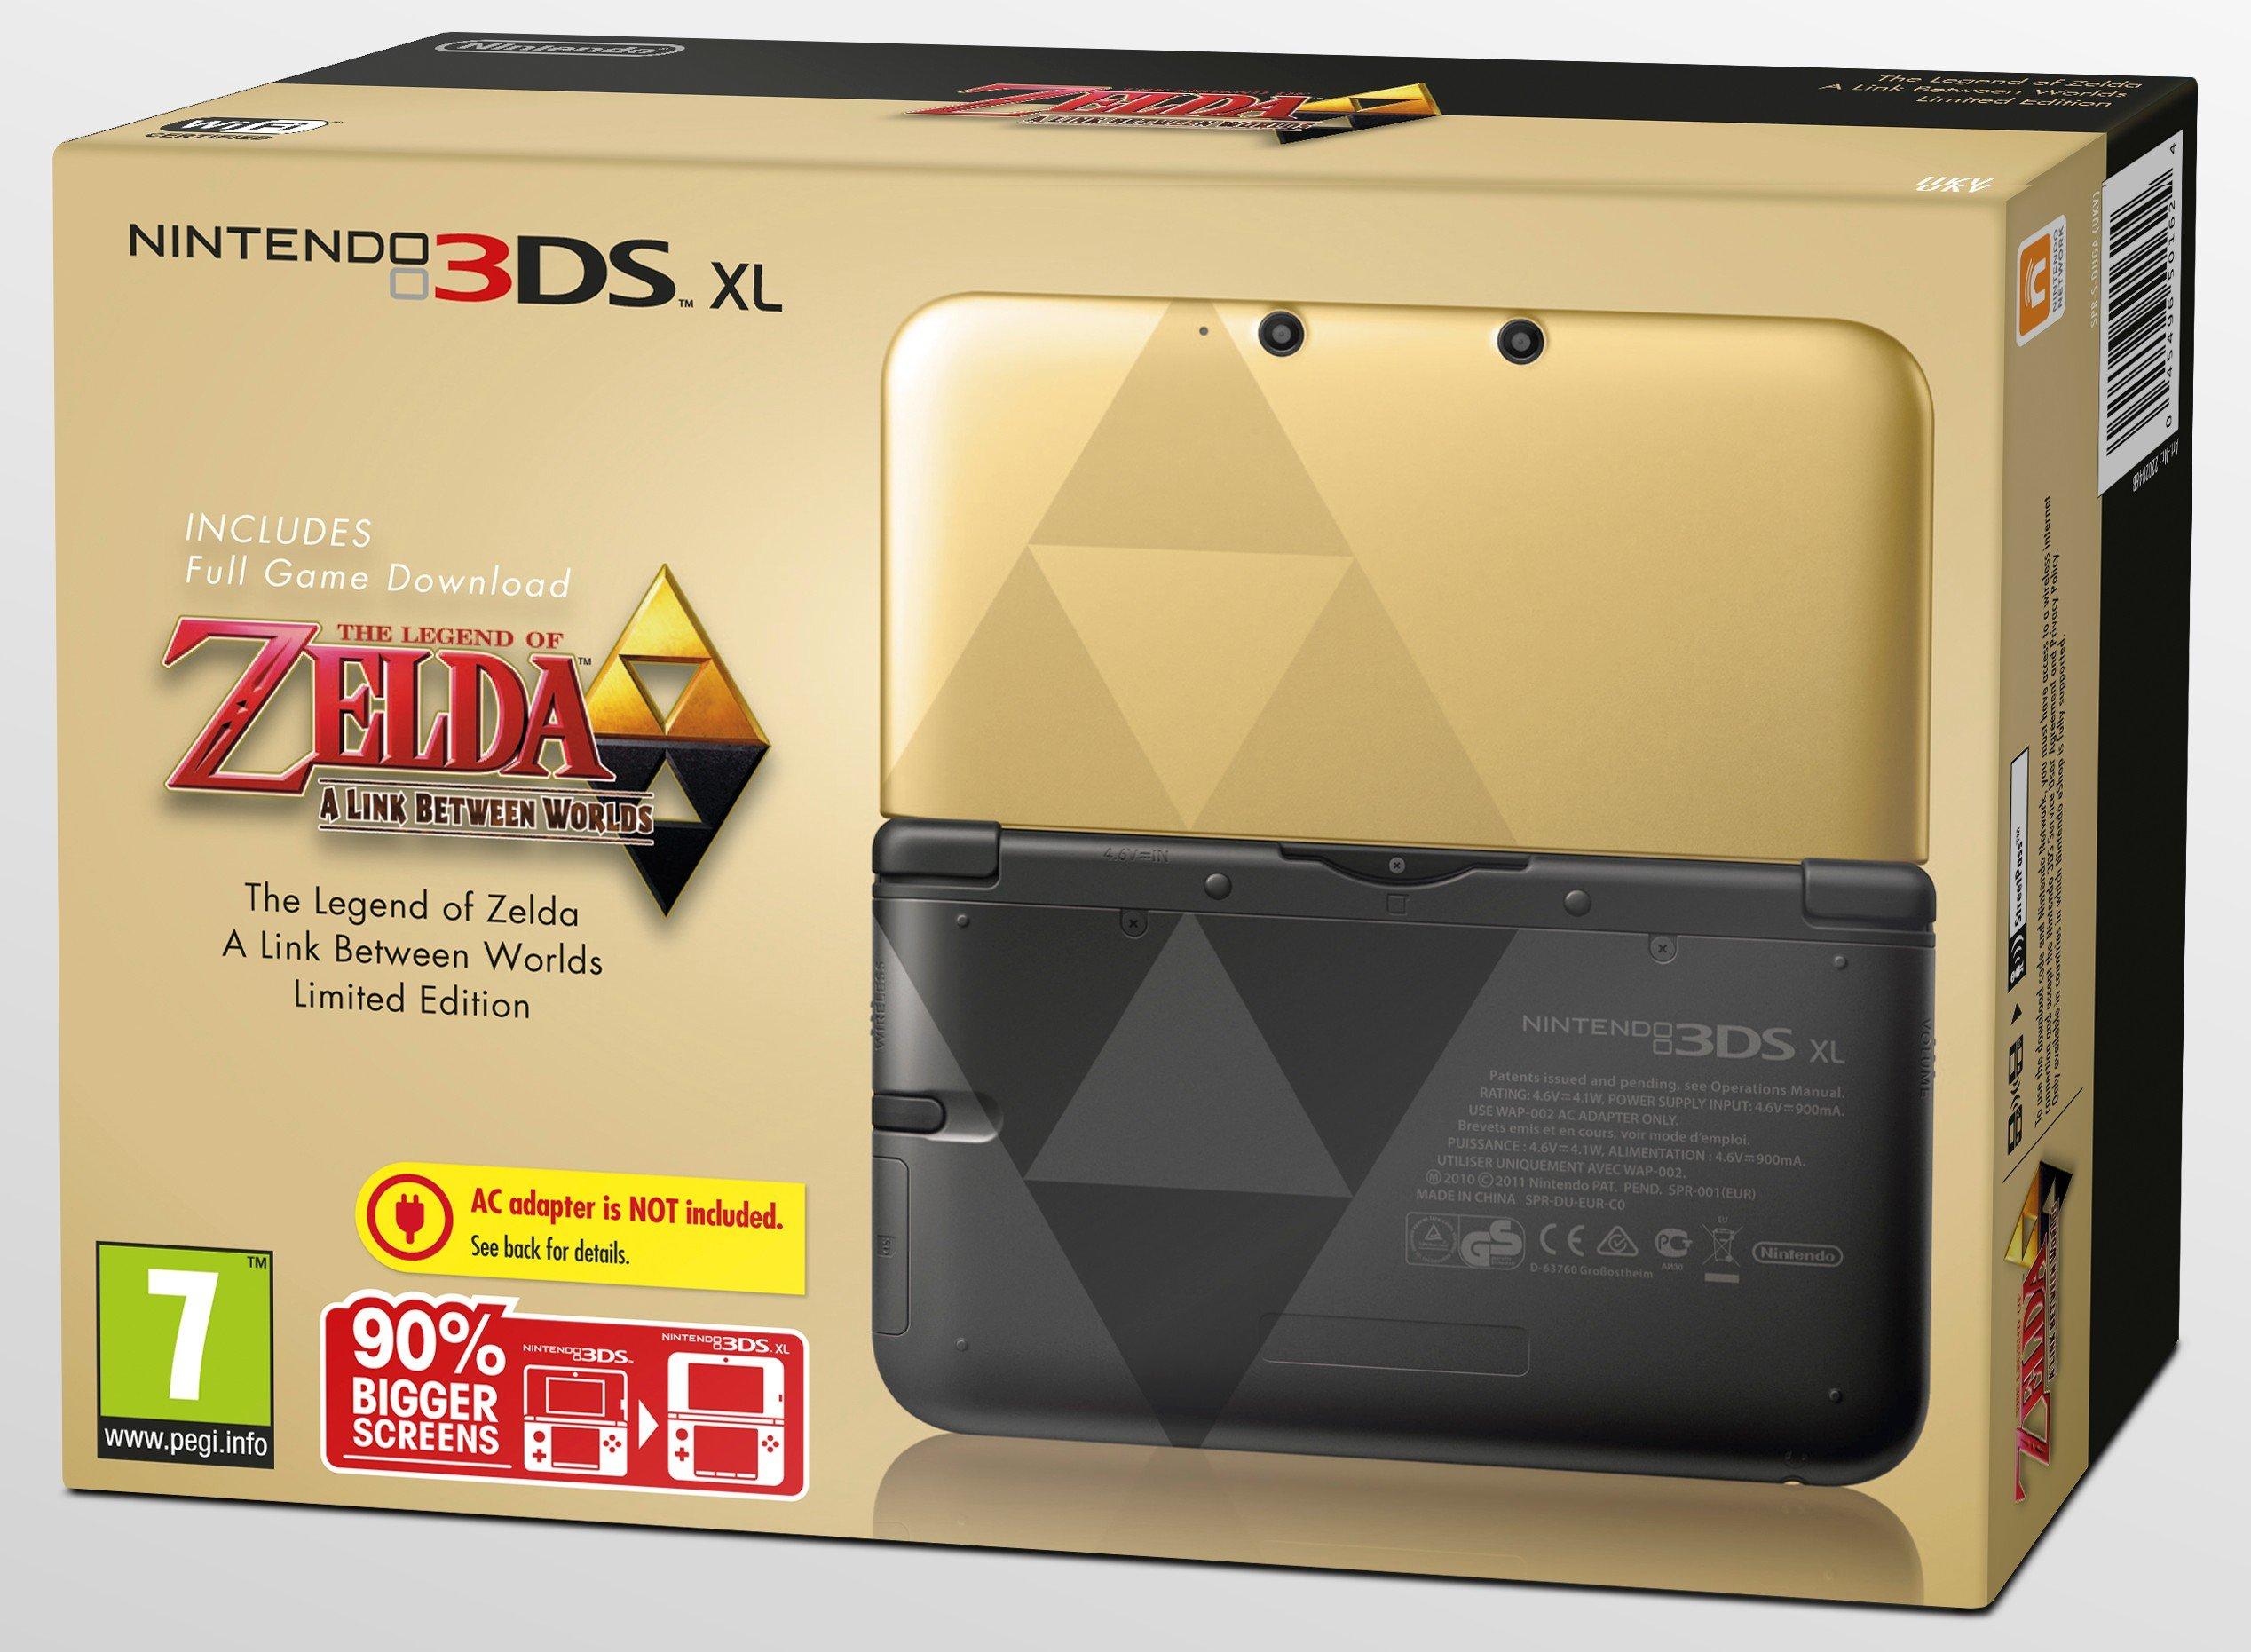 Diverse speciale Nintendo 3DS XL modellen voor €169,98 @ Intertoys